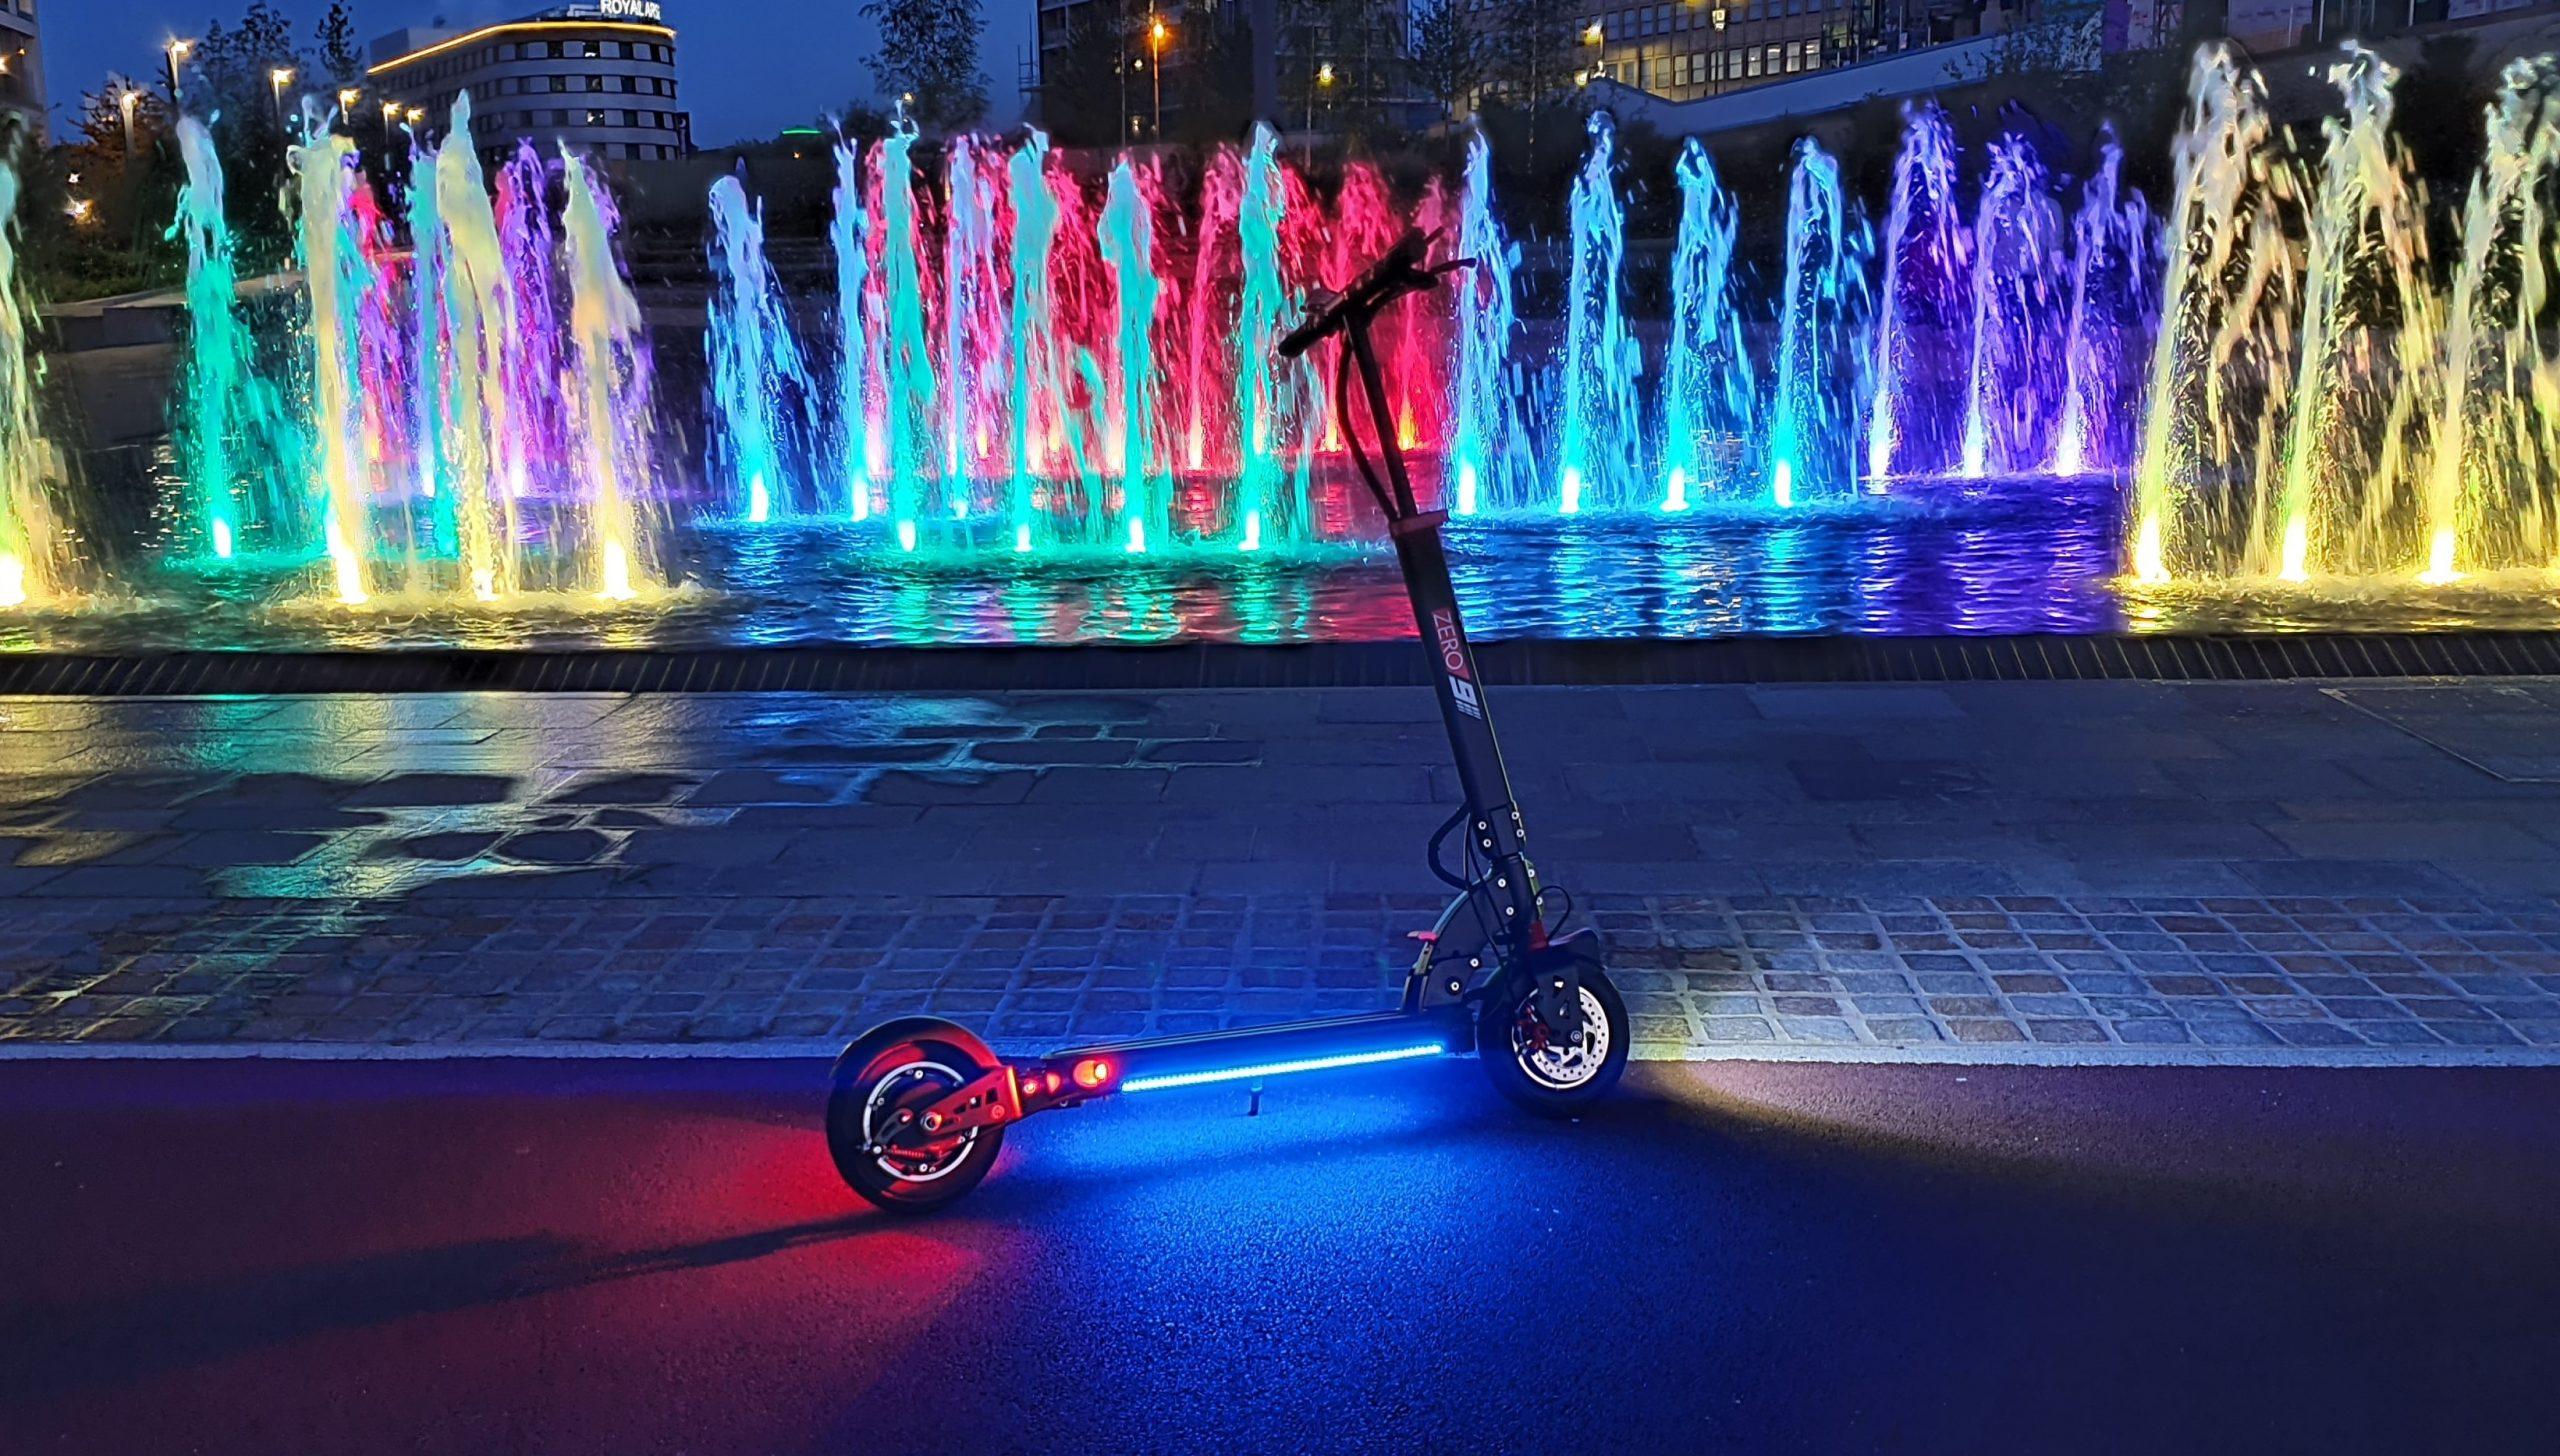 Un patinete eléctrico RGB con chorros de agua de colores del arco iris procedentes de una fuente